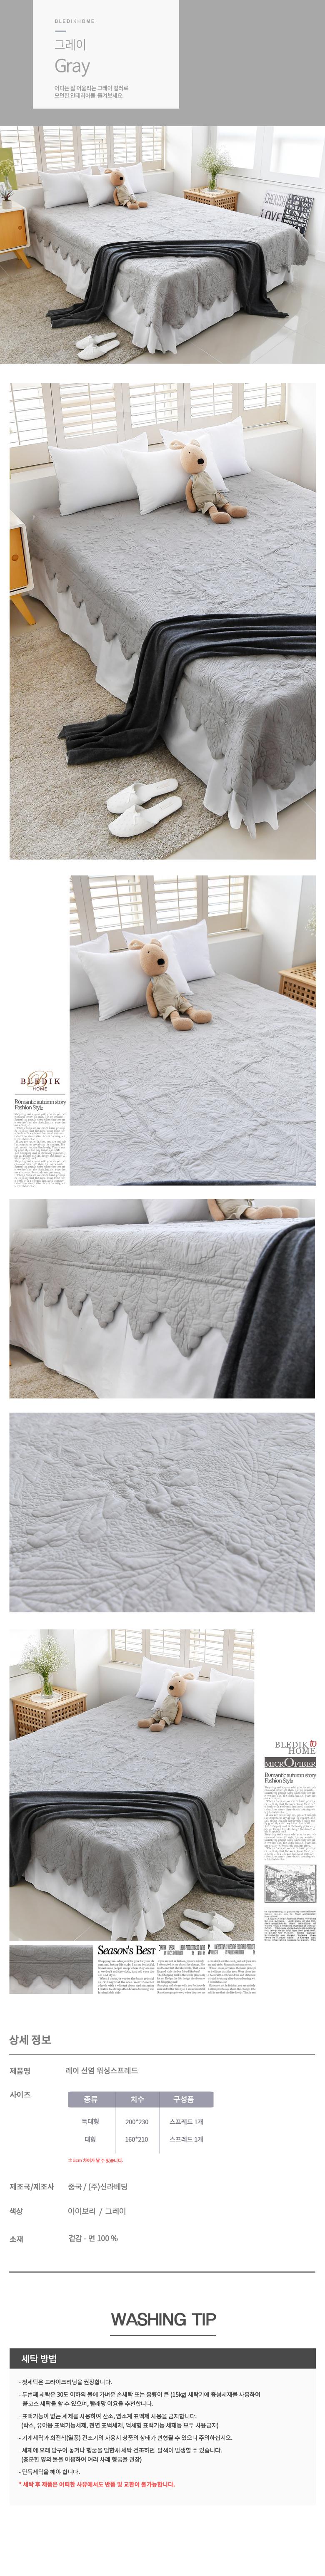 레이 선염 워싱스프레드 - 블레딕홈, 179,000원, 침구 단품, 패드/스프레드